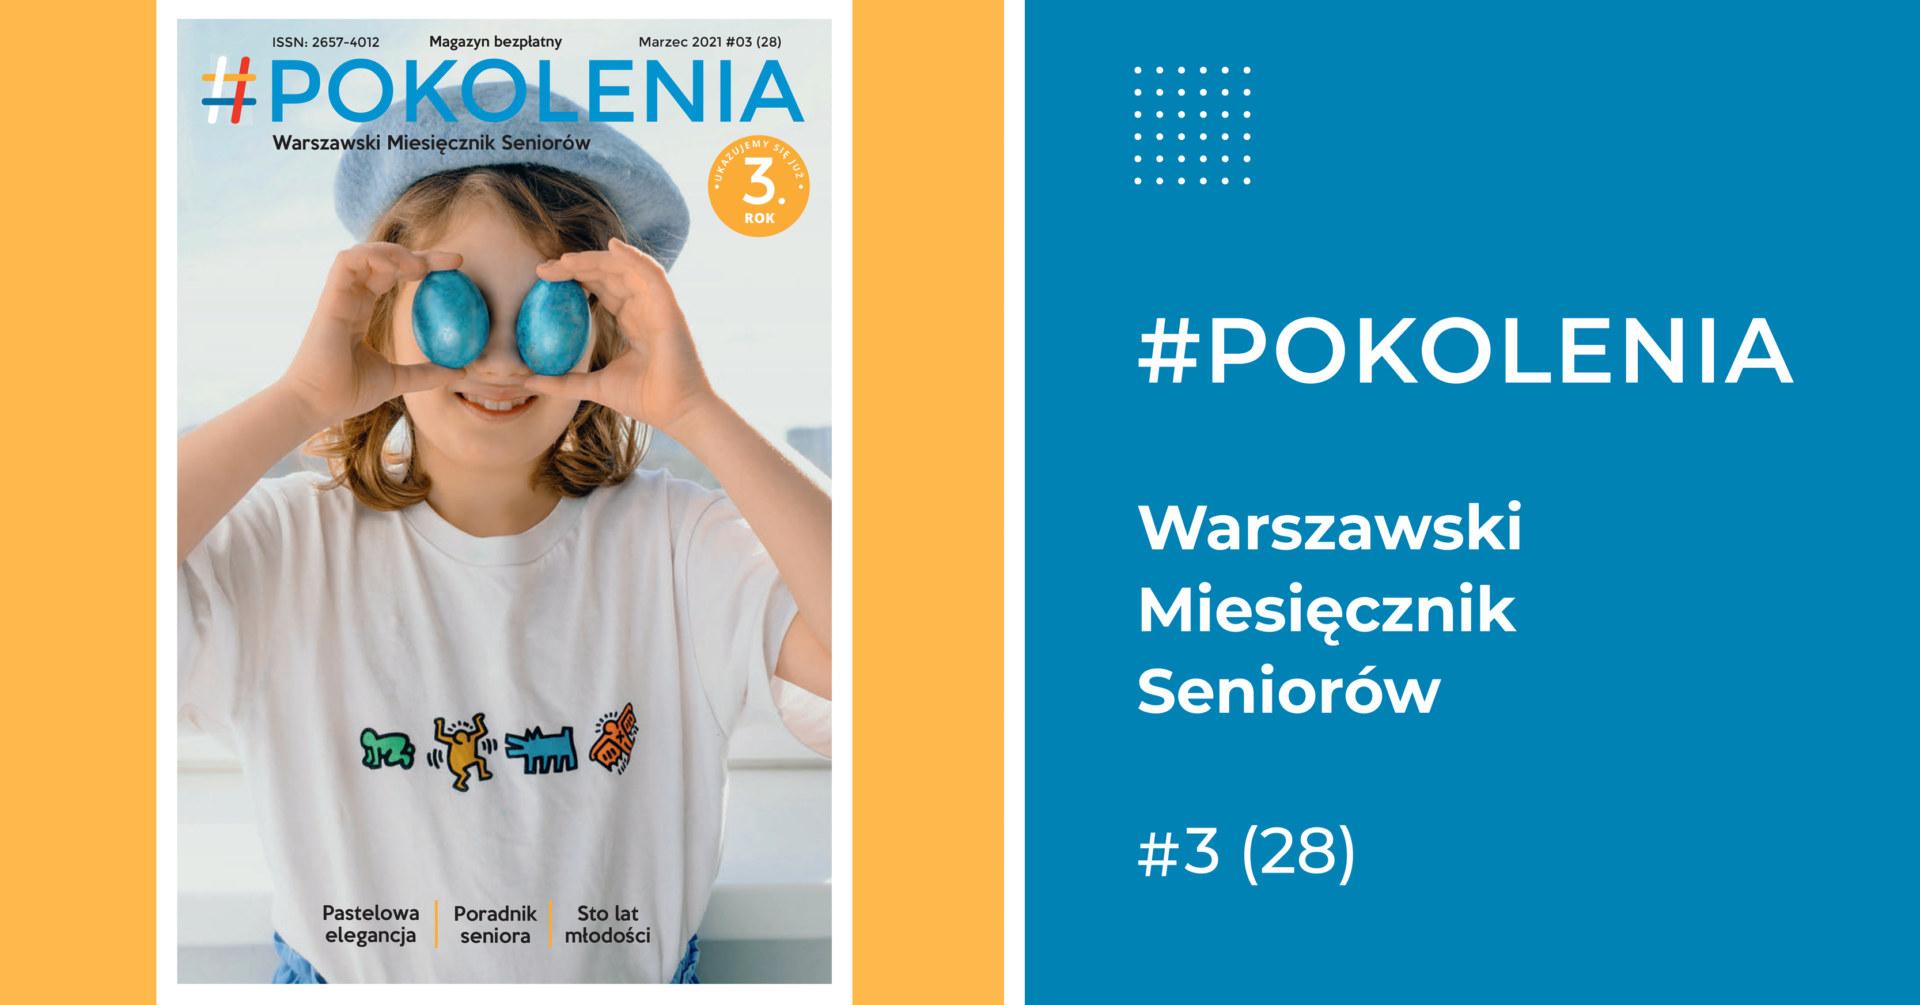 Po lewej stronie grafiki dziewczynka w niebieskim kapeluszu. Trzyma w obydwu rękach na wysokości oczu niebieskie jajka. Po prawej informacje dot. numeru.